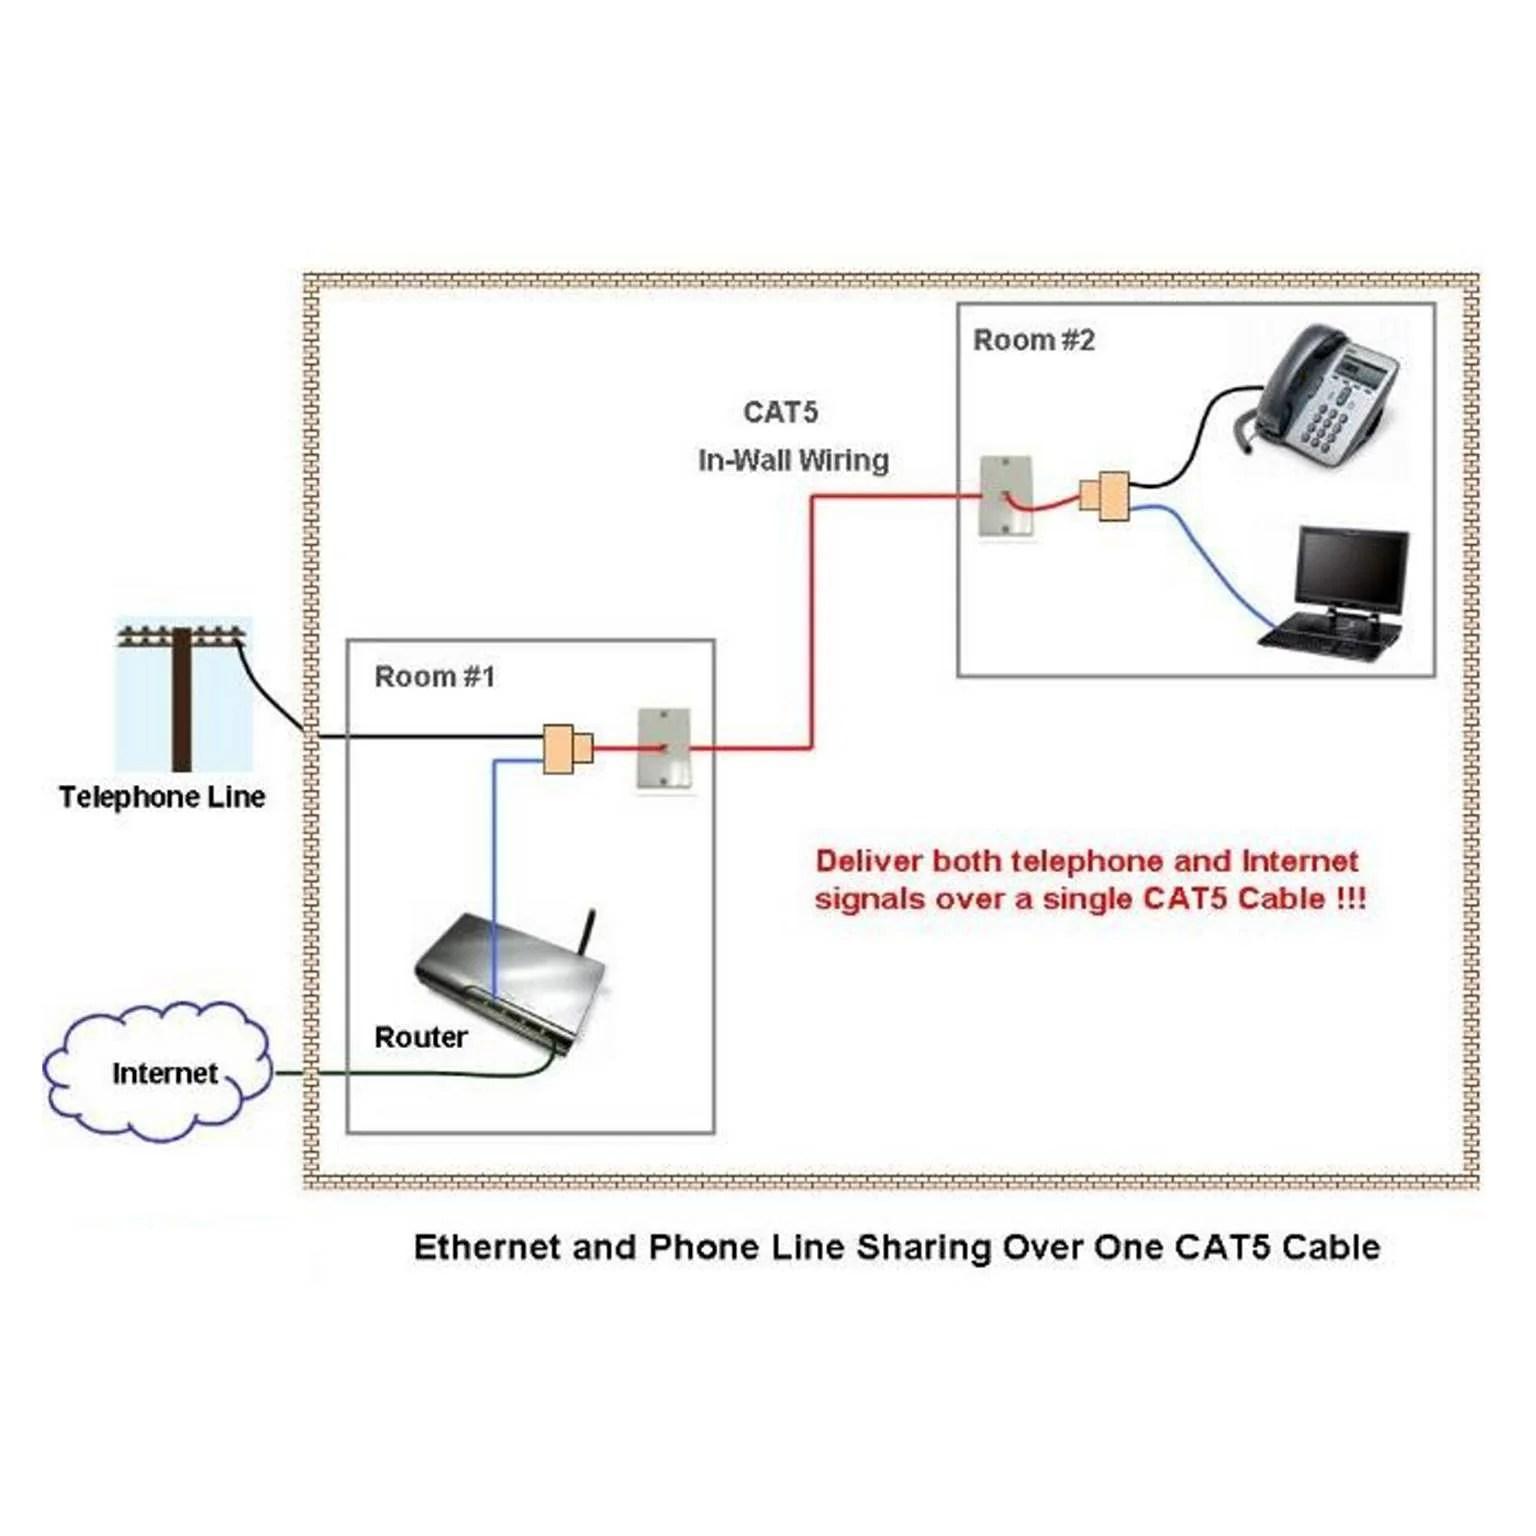 hight resolution of rj45 rj11 splitter cable sharing kit for ethernet and phone lineswiring diagram rj11 splitter 14